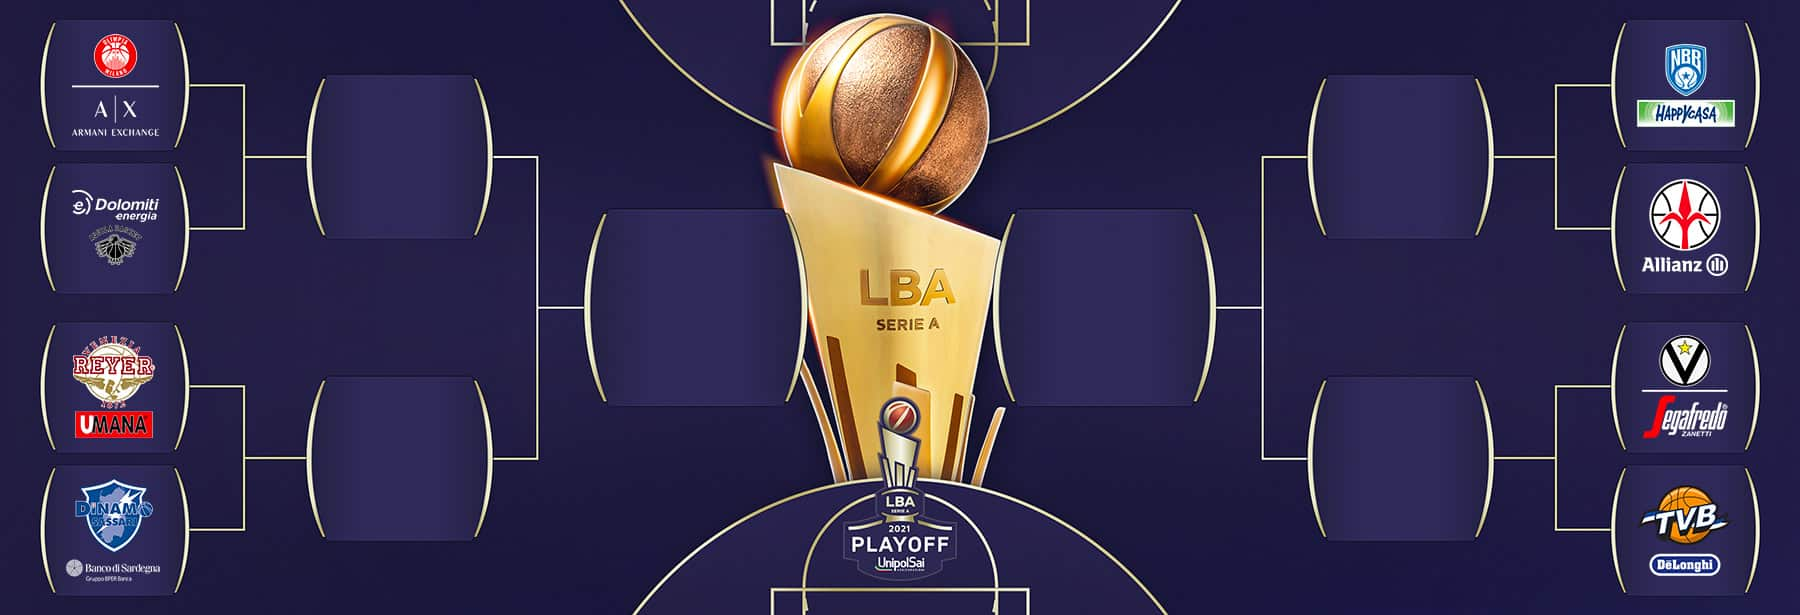 Il tabellone dei playoff del basket italiano